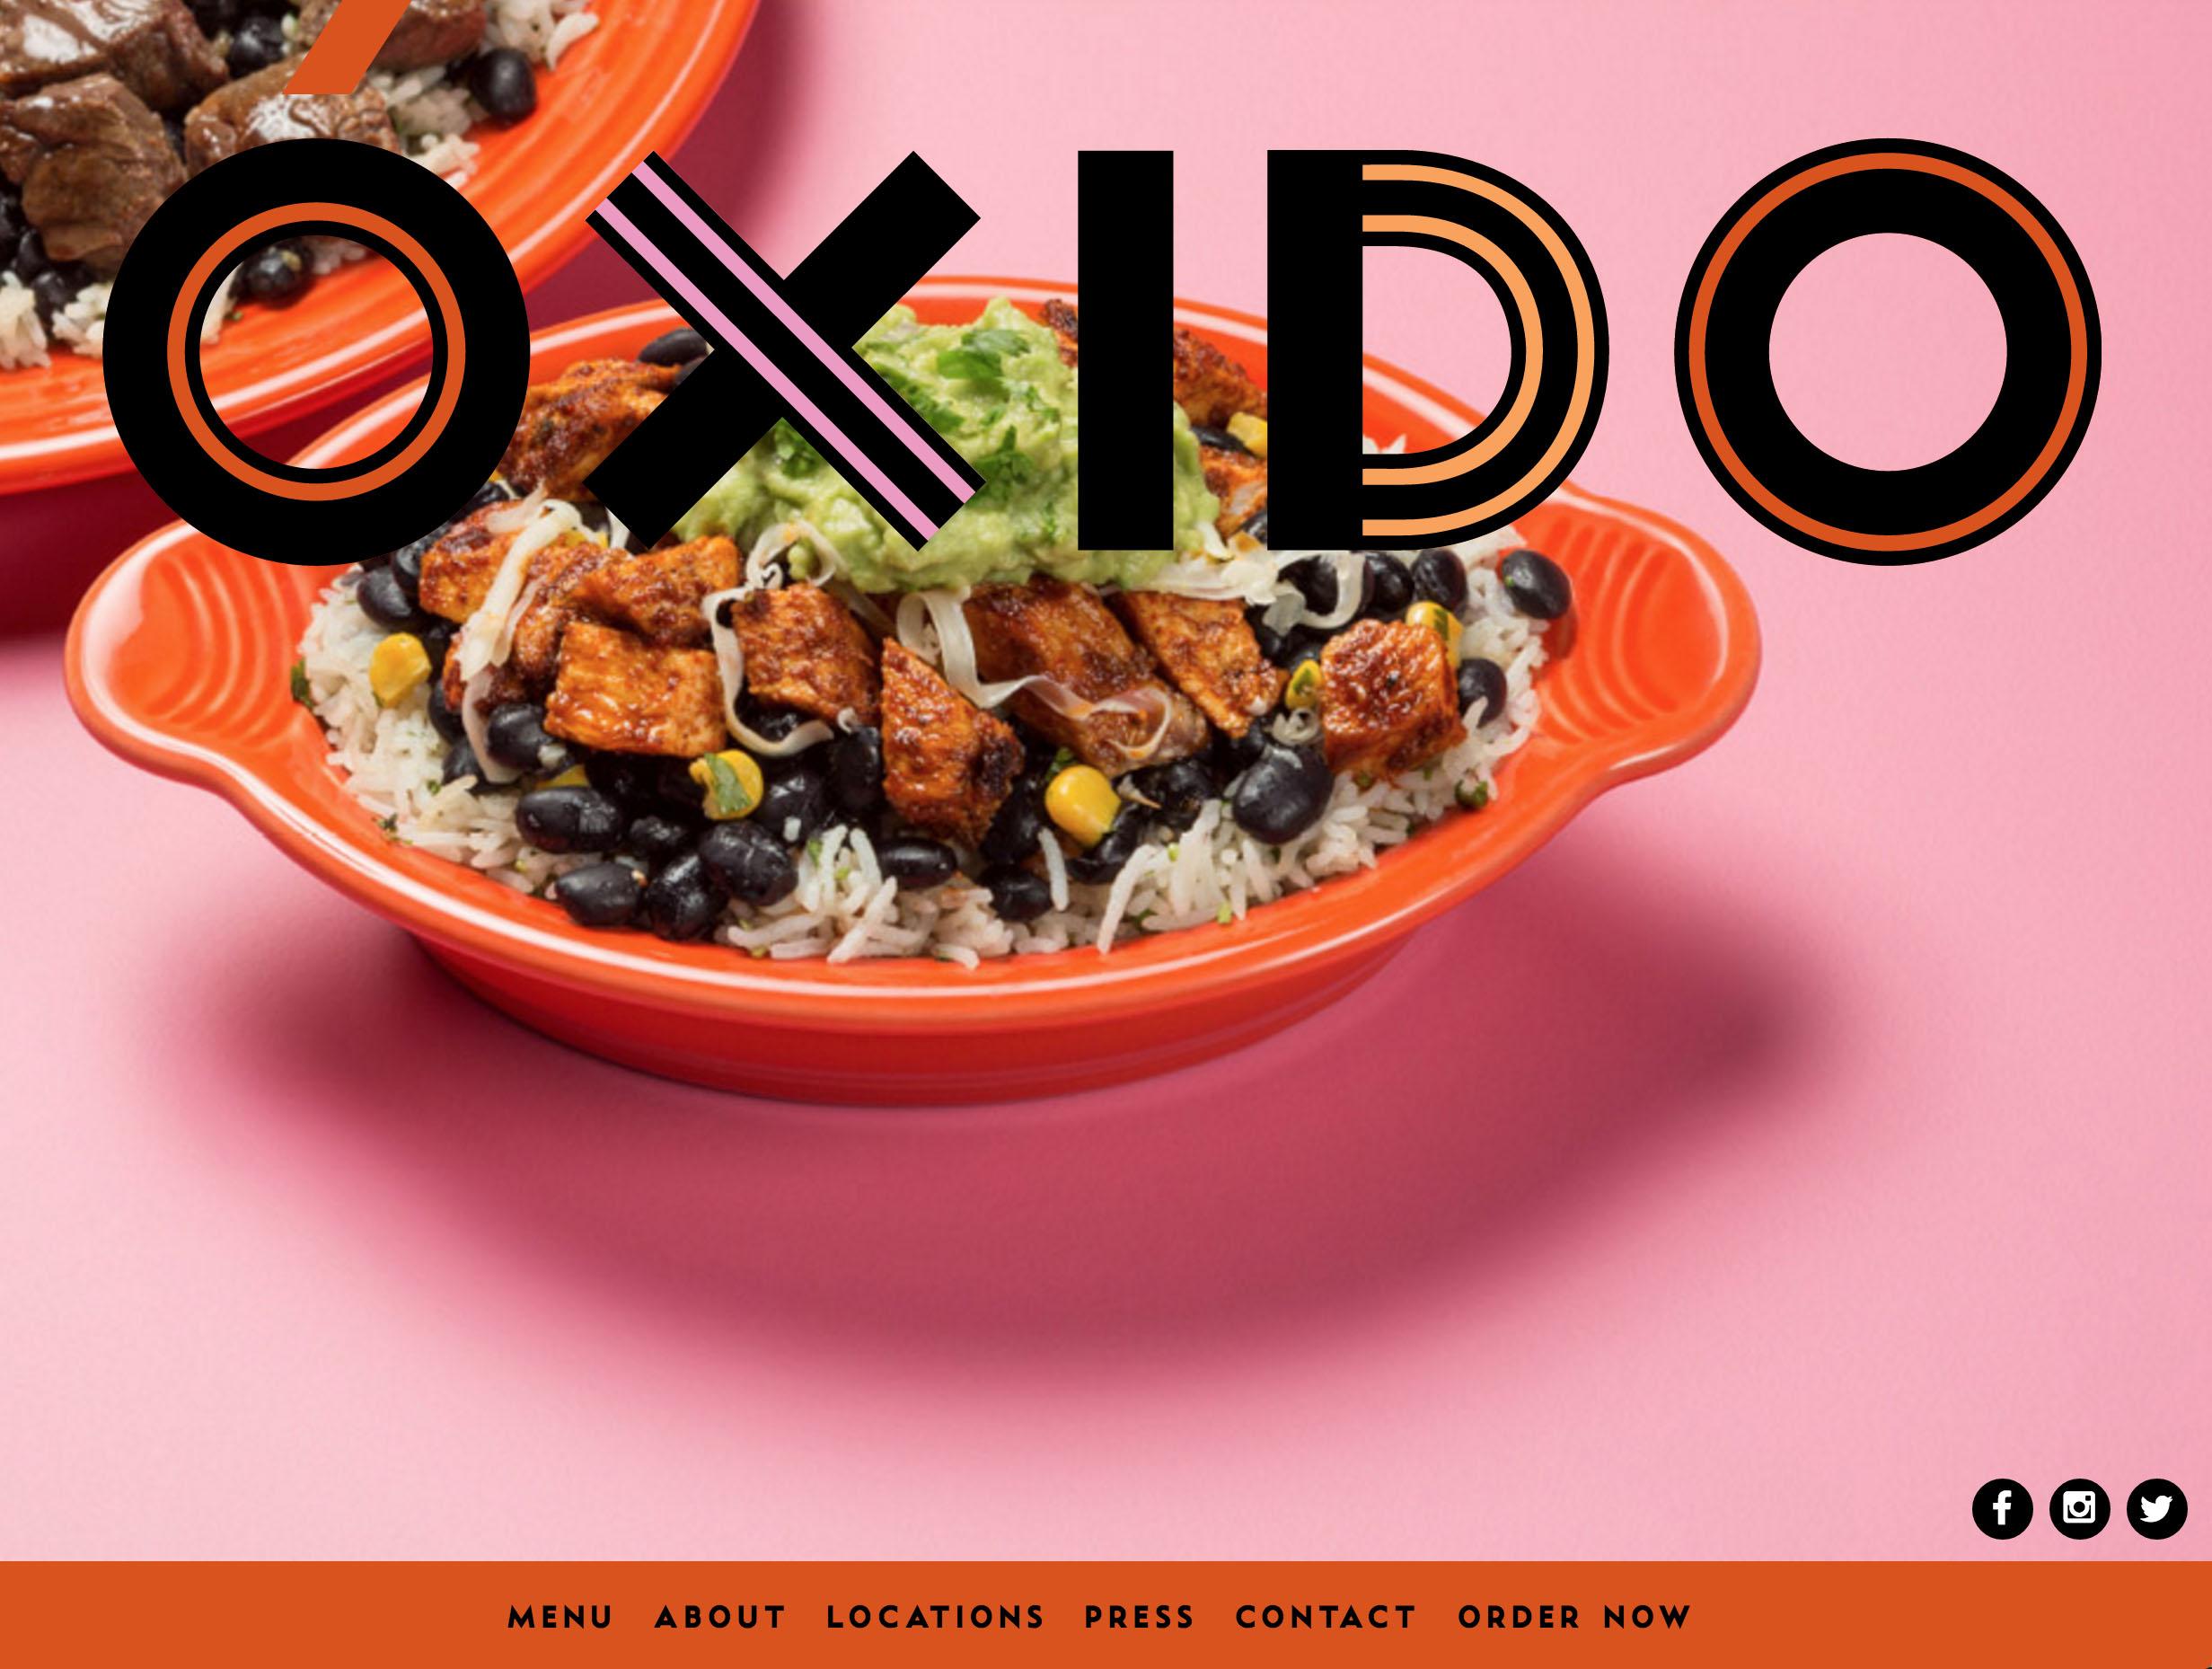 Oxido logo and website designed by Scissor.